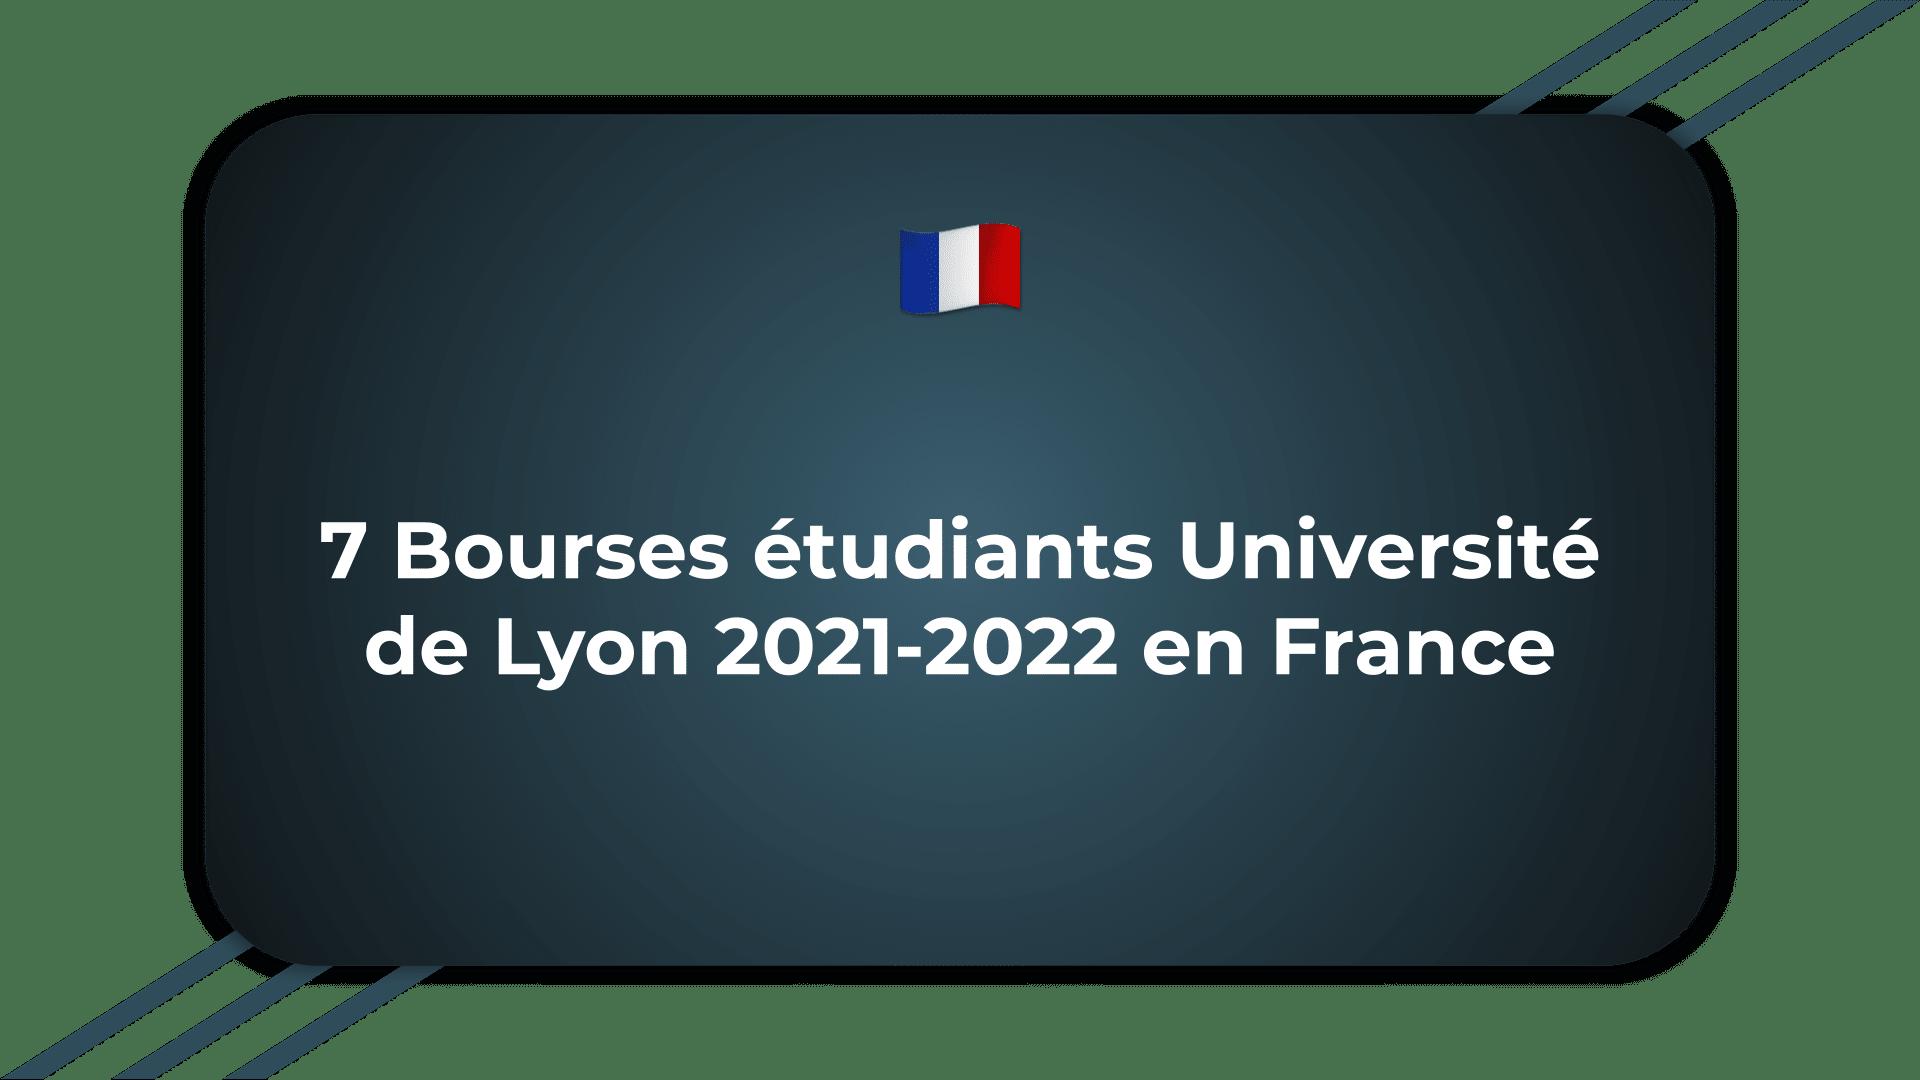 Bourses étudiants Université de Lyon